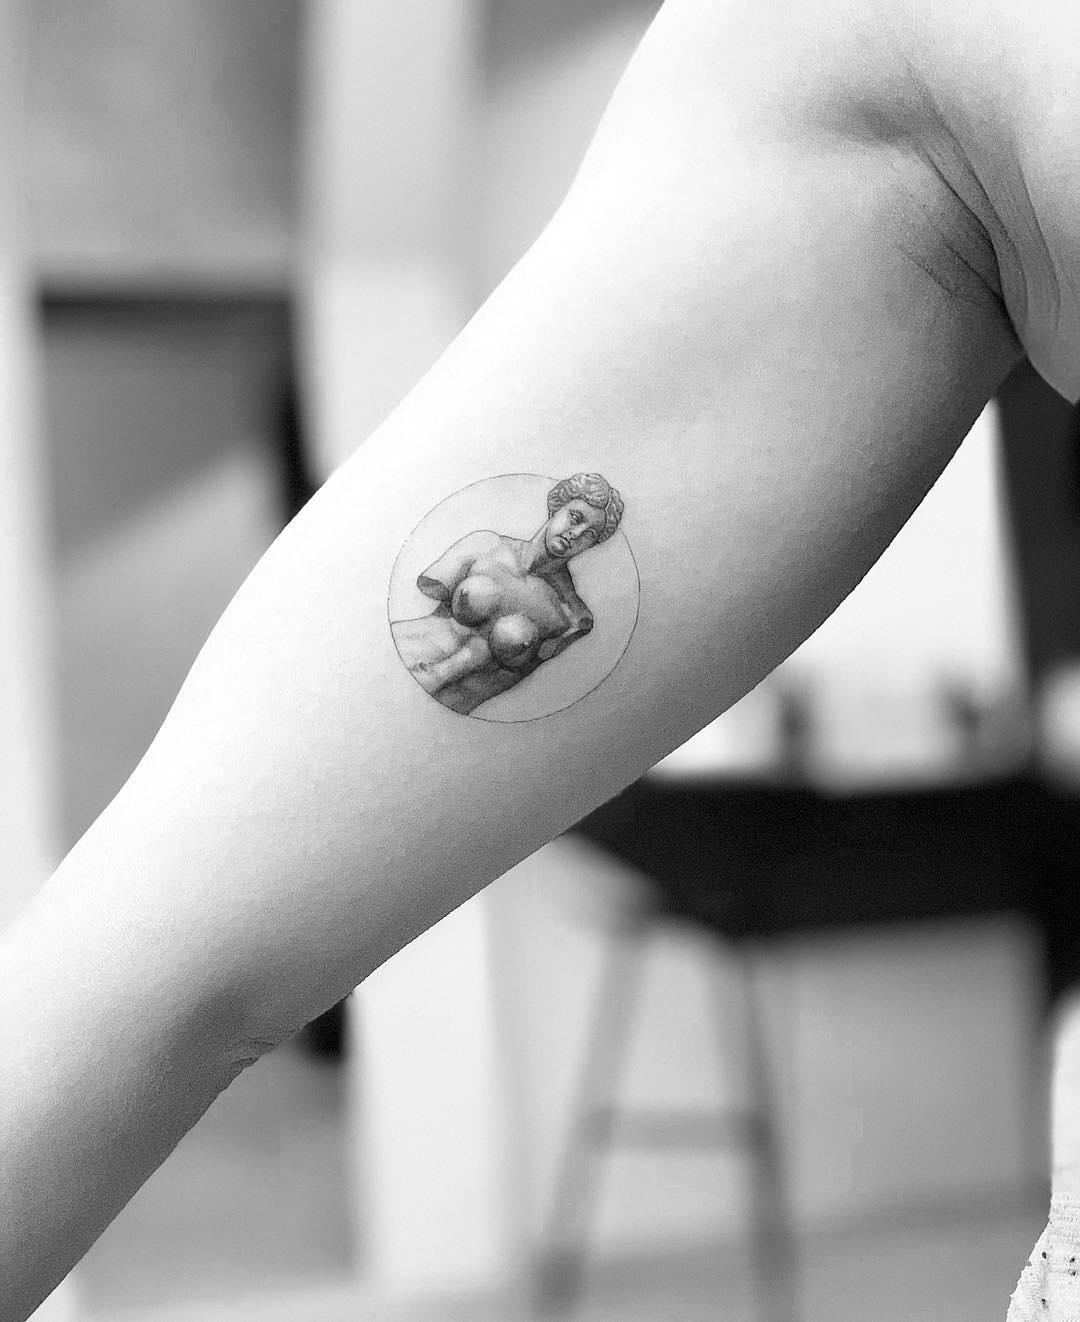 Venus statue tattoo by Dragon Ink